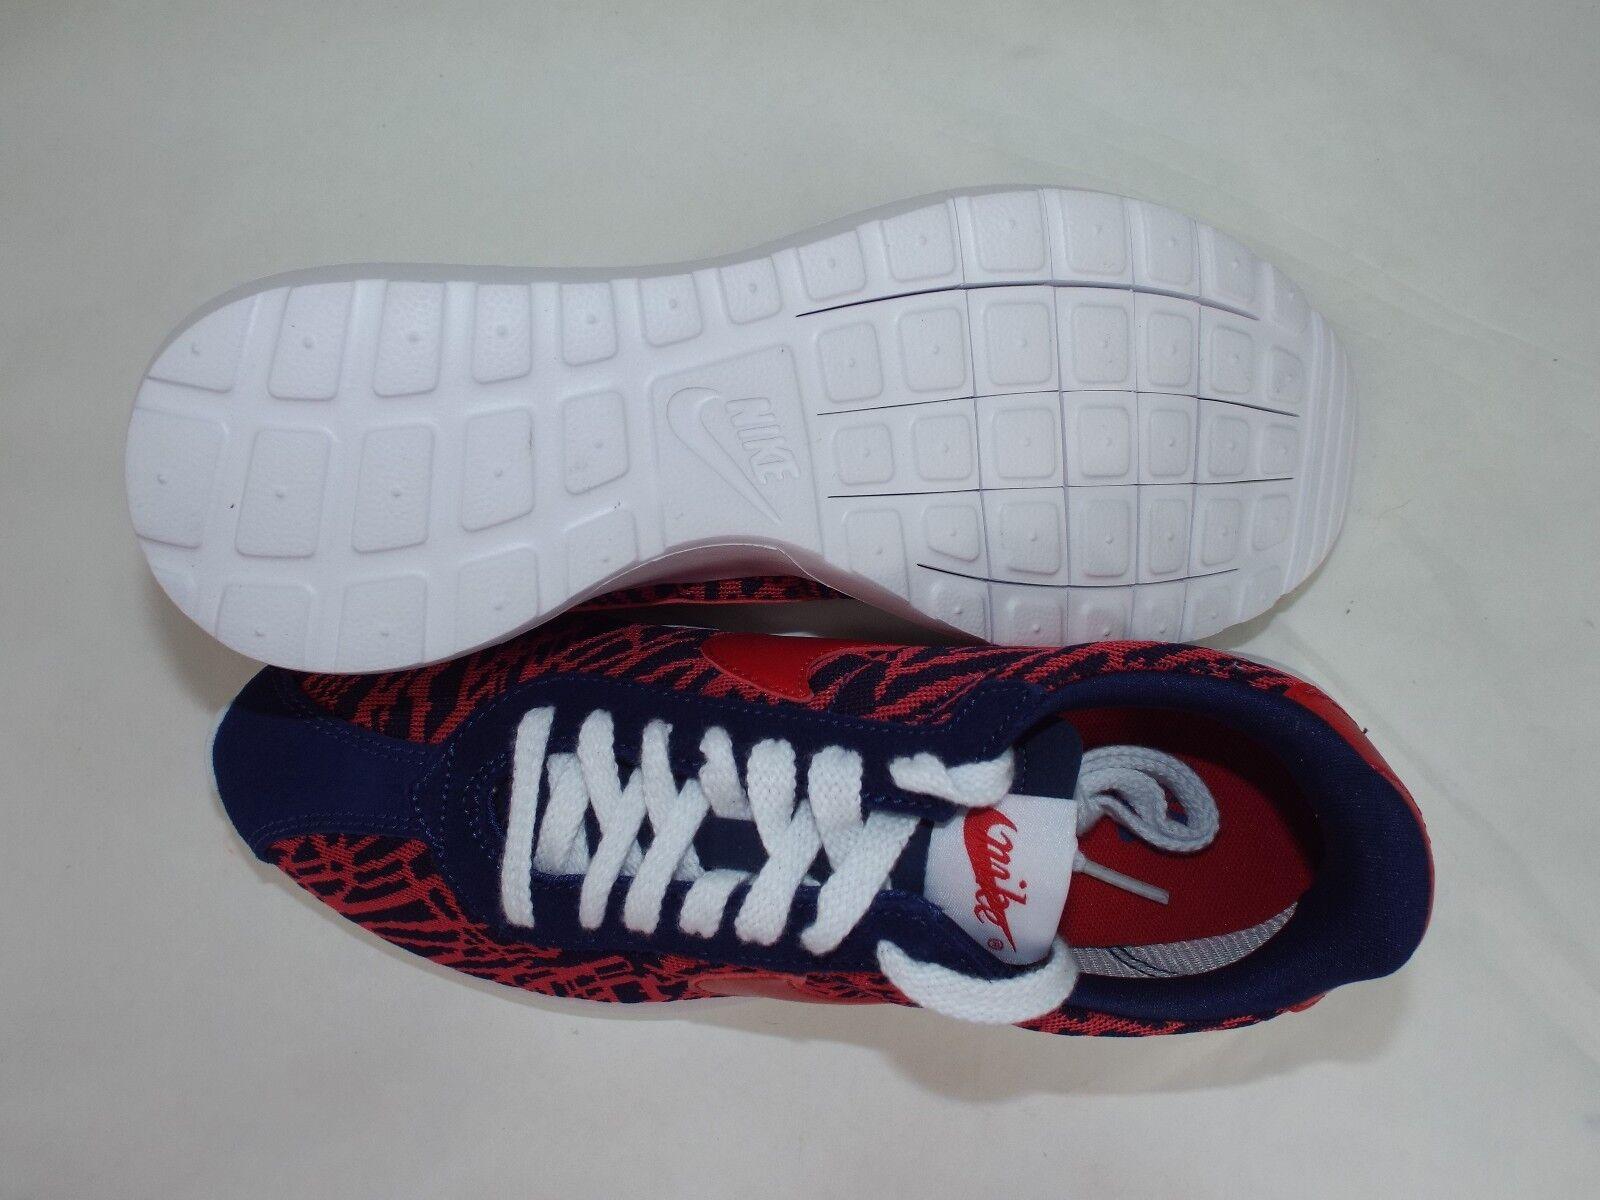 innovative design f0d1e 6e49f ... New femmes 9 NIKE Roshe LD-1000 KJCRD rouge bleu chaussures chaussures  chaussures 130 819845 ...